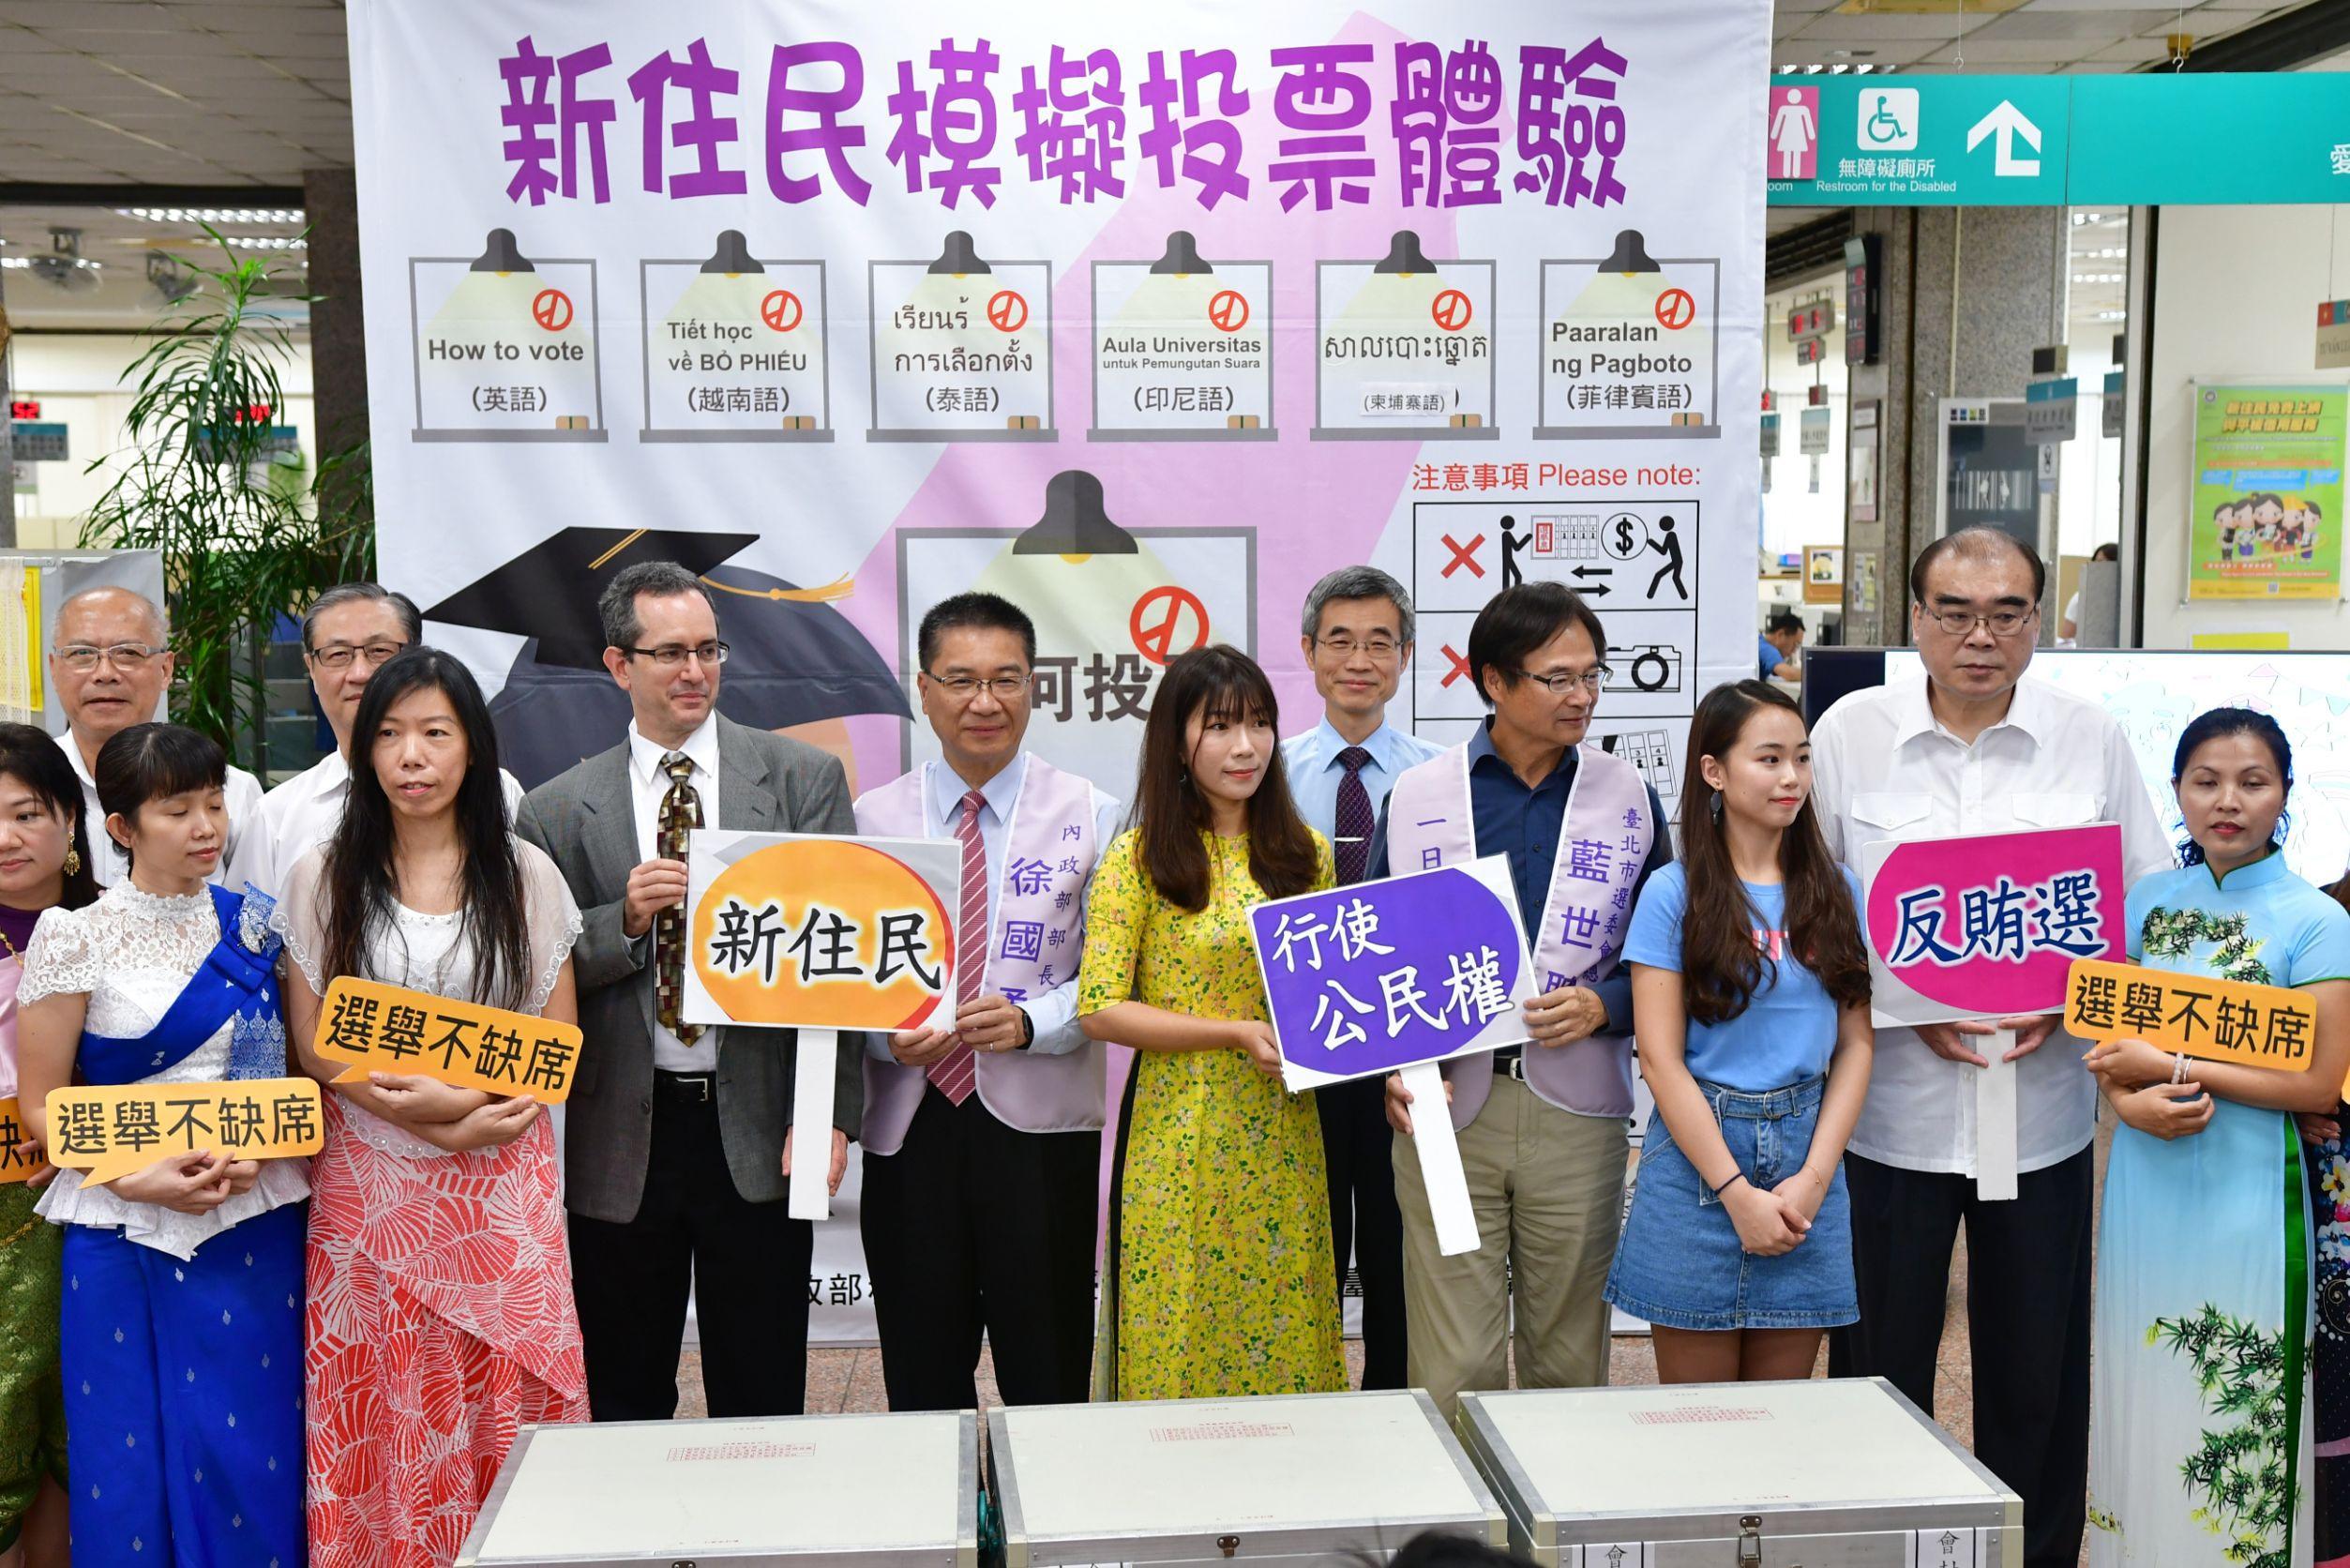 徐國勇部長參加「新住民模擬投票體驗」活動